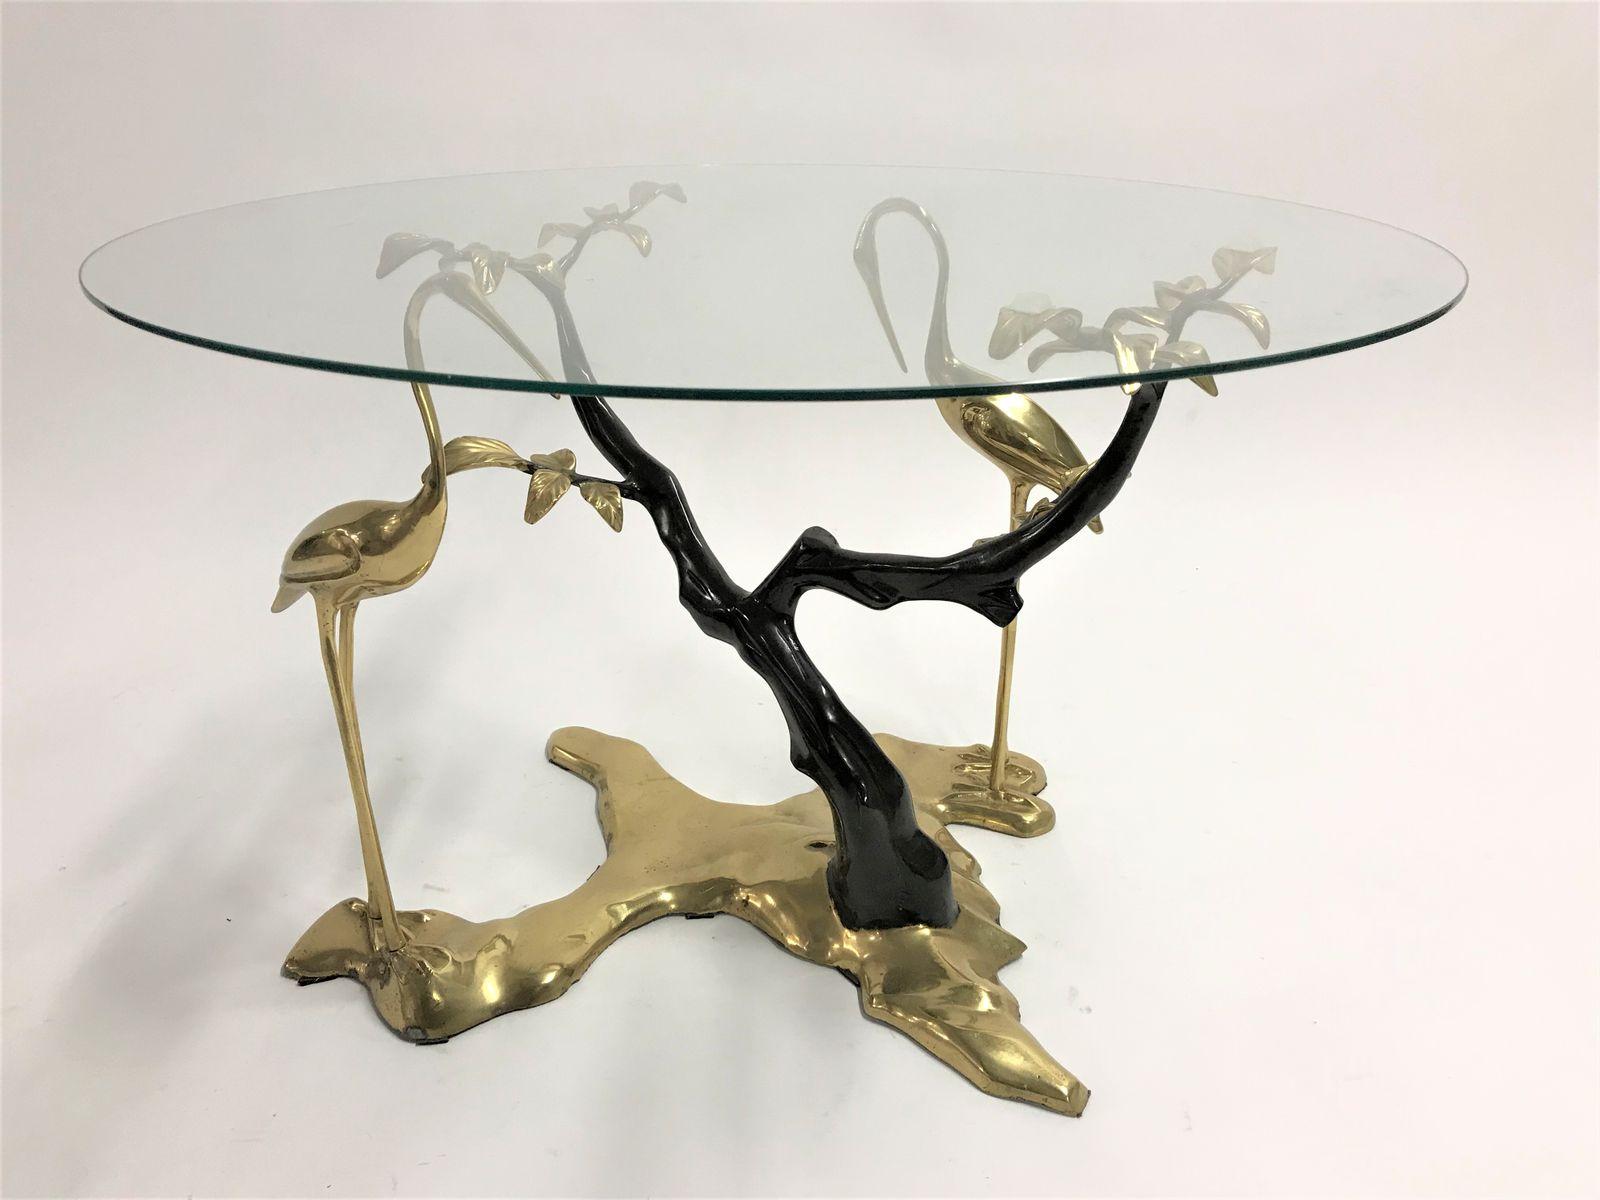 Couchtisch aus Bronze mit Gestell in Kranich-Optik von Willy Daro, 197...